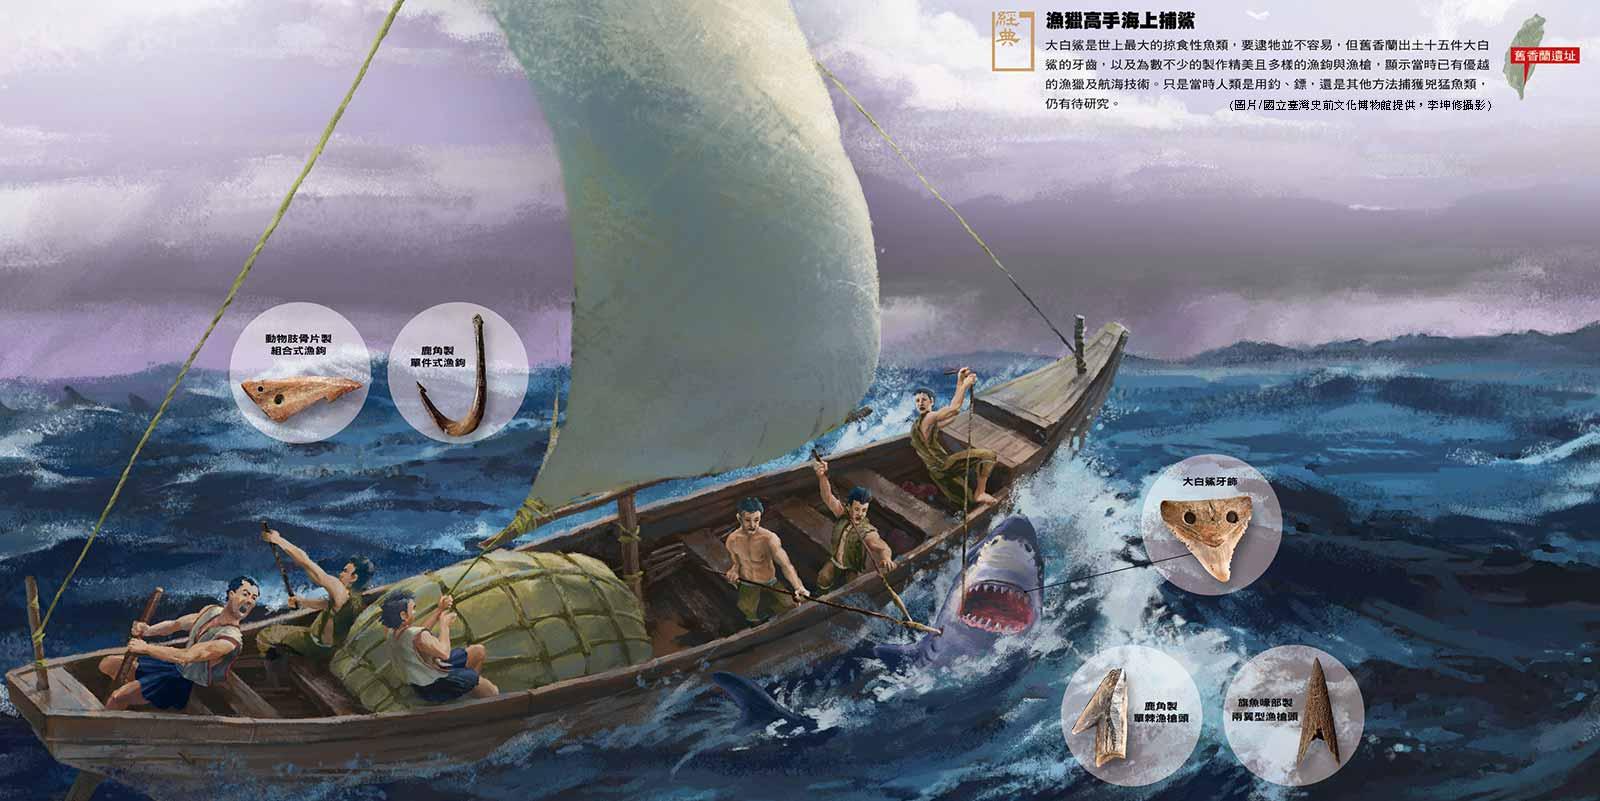 舊香蘭遺址─漁獵高手海上捕鯊